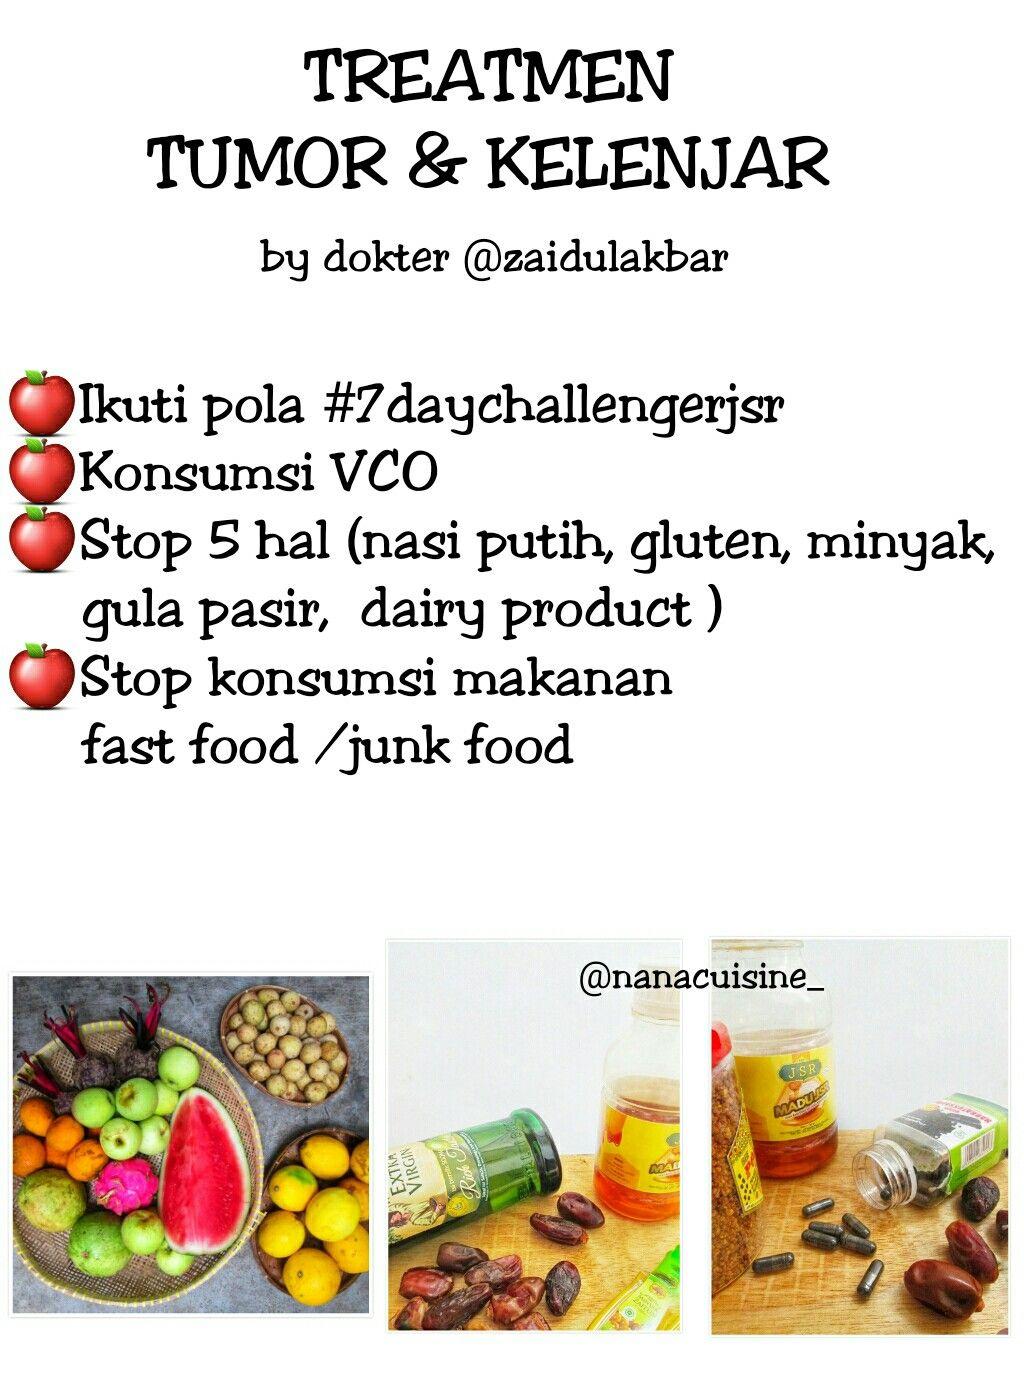 Pin Oleh Henny Kusumawati Di Resep Jsr Resep Diet Sehat Resep Sehat Resep Diet